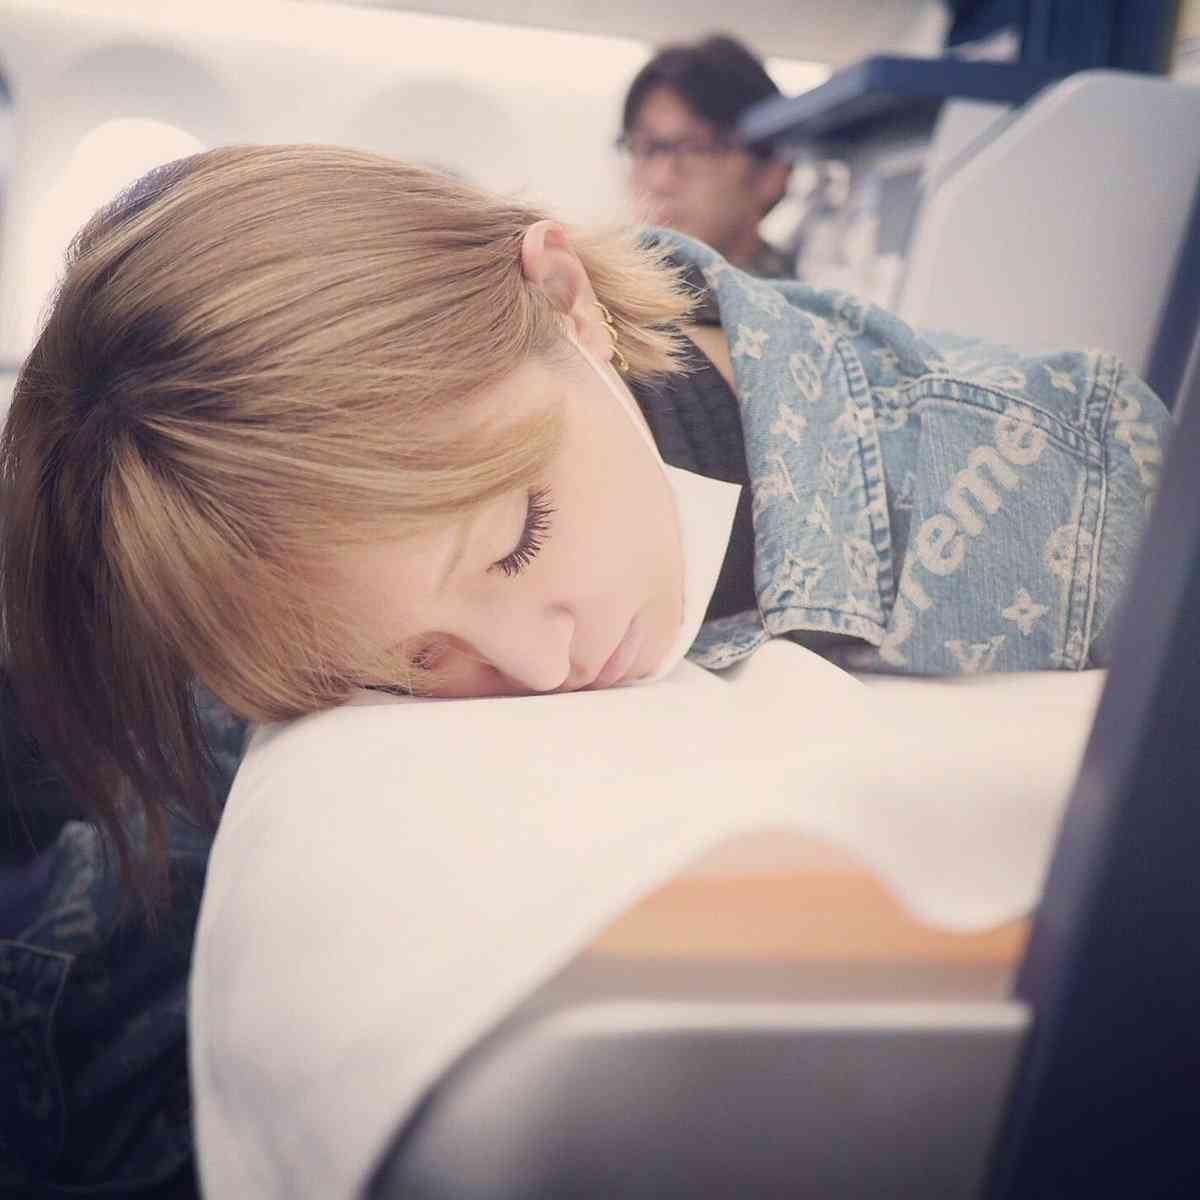 浜崎あゆみの無防備な寝顔に反響「天使」「かわいすぎる」